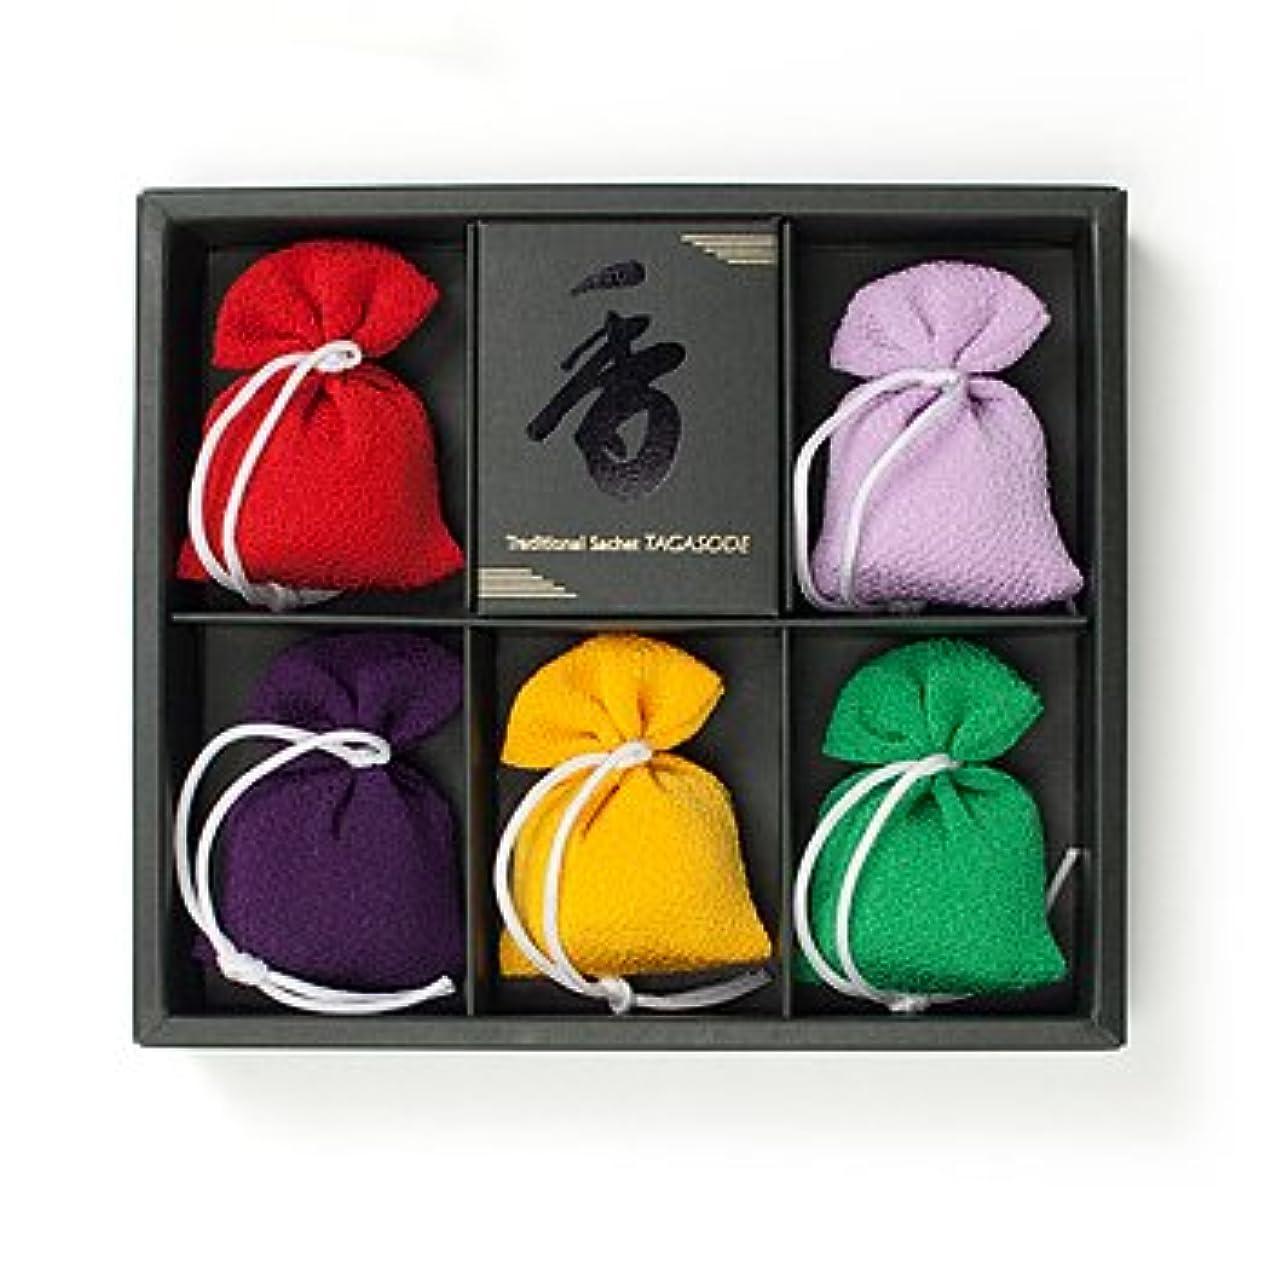 果てしない好奇心盛バルーン匂い袋 誰が袖 上品(無地) (色は選べません) 5個入 松栄堂 Shoyeido